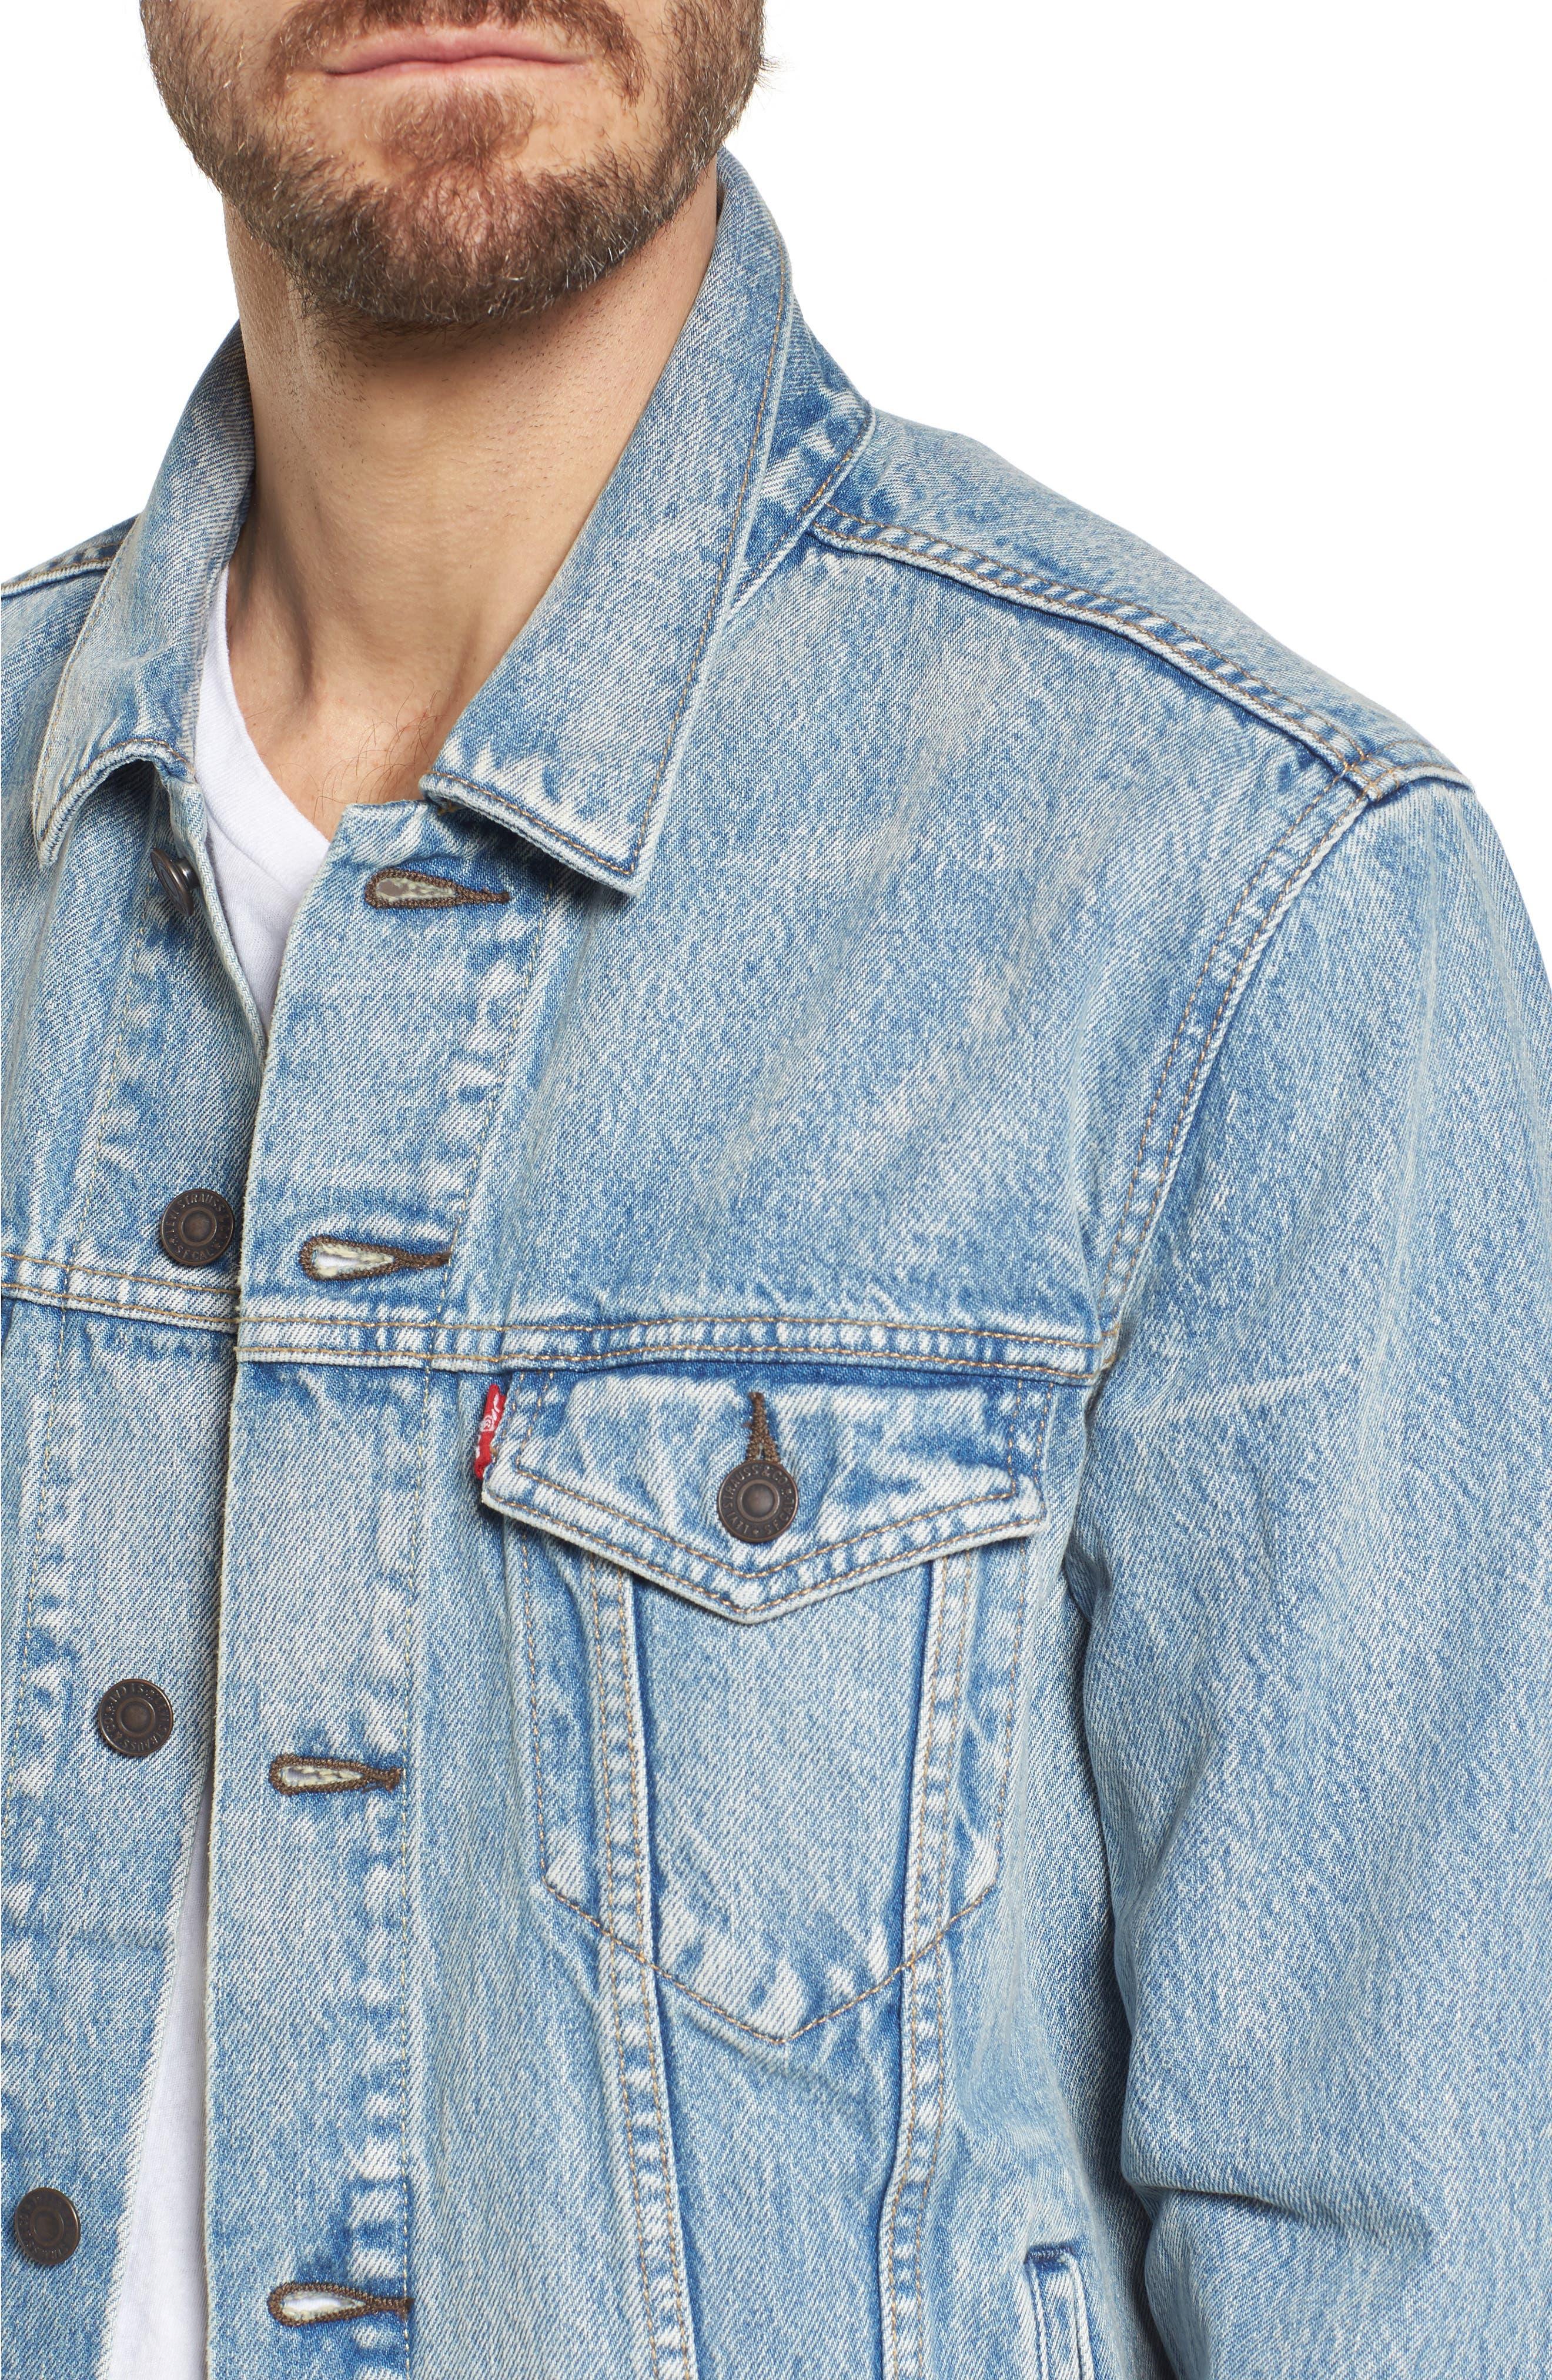 Trucker Denim Jacket,                             Alternate thumbnail 4, color,                             420